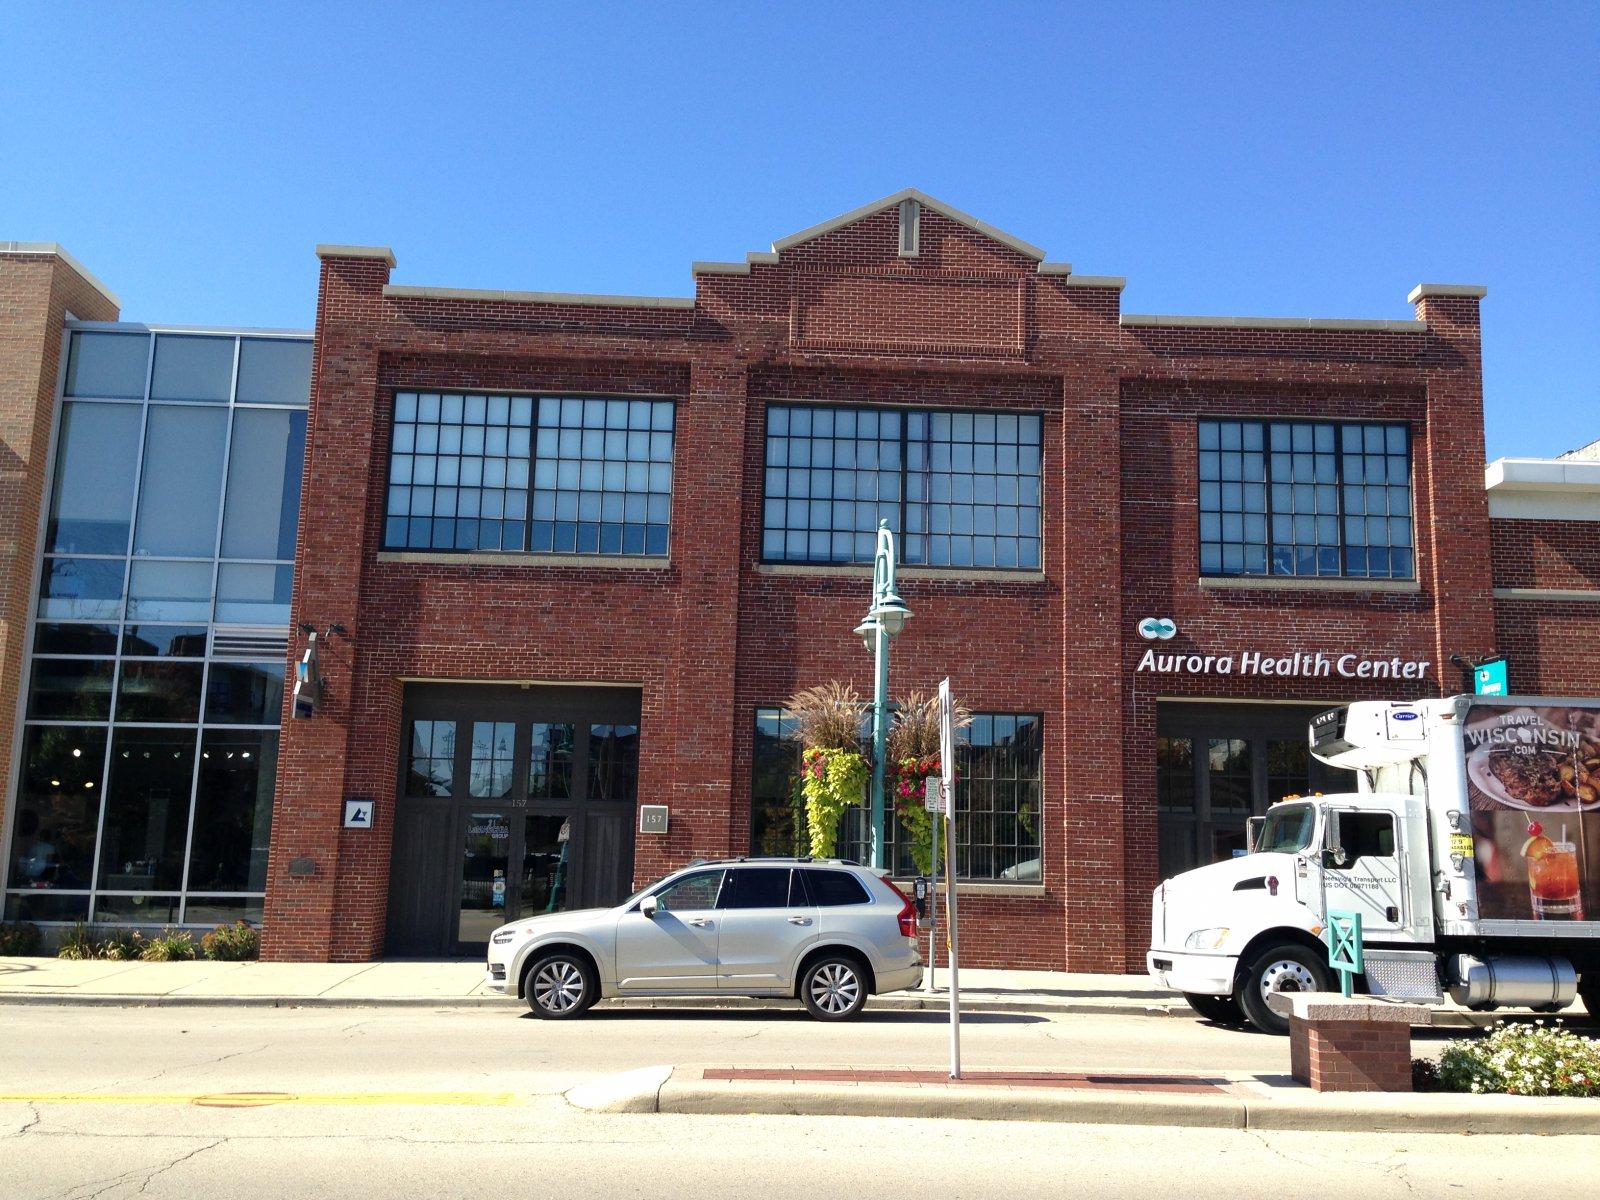 153 N. Milwaukee St.